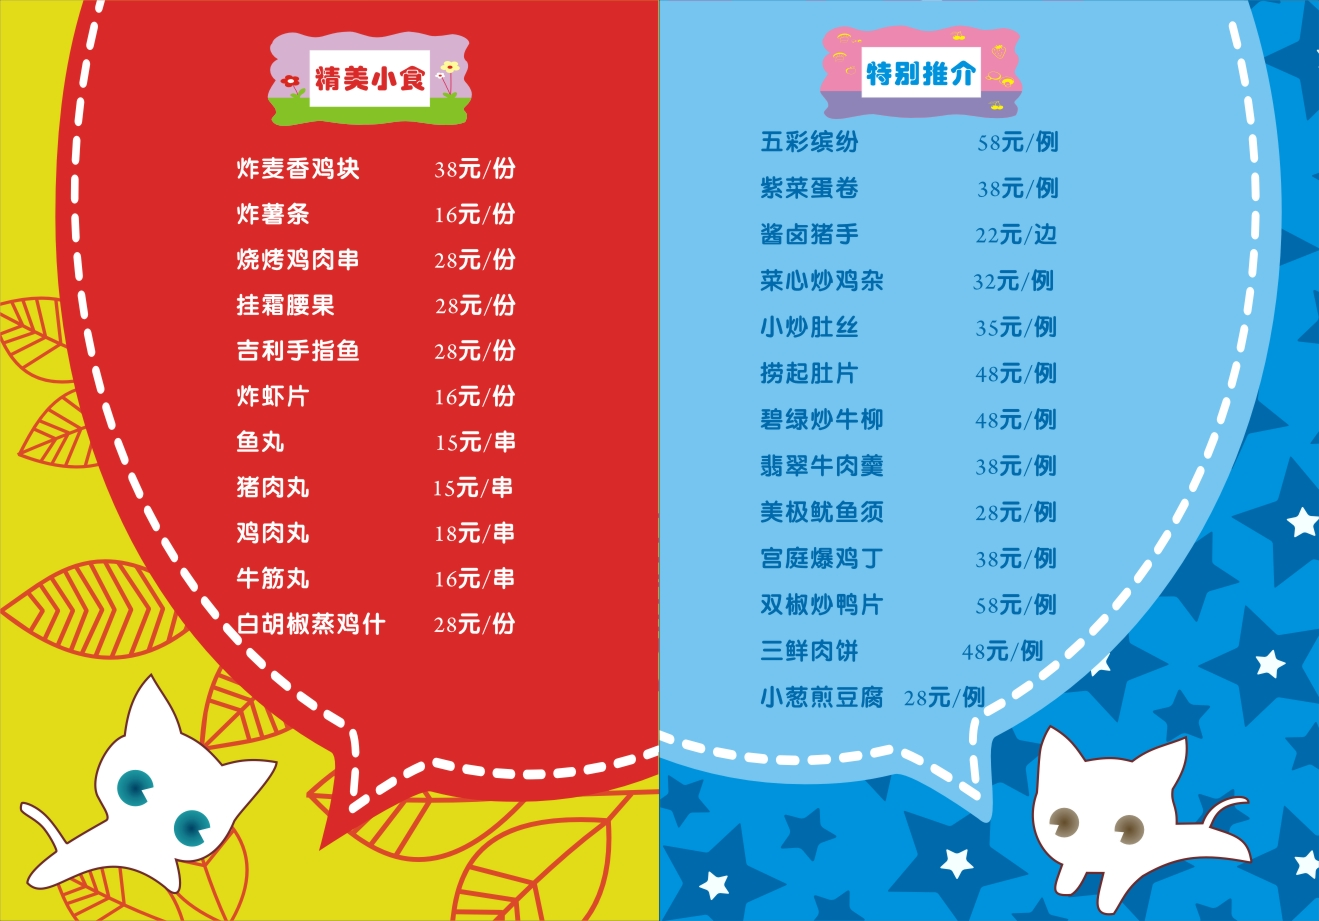 515号菜谱设计:菜谱册宝贝城儿童主题餐厅